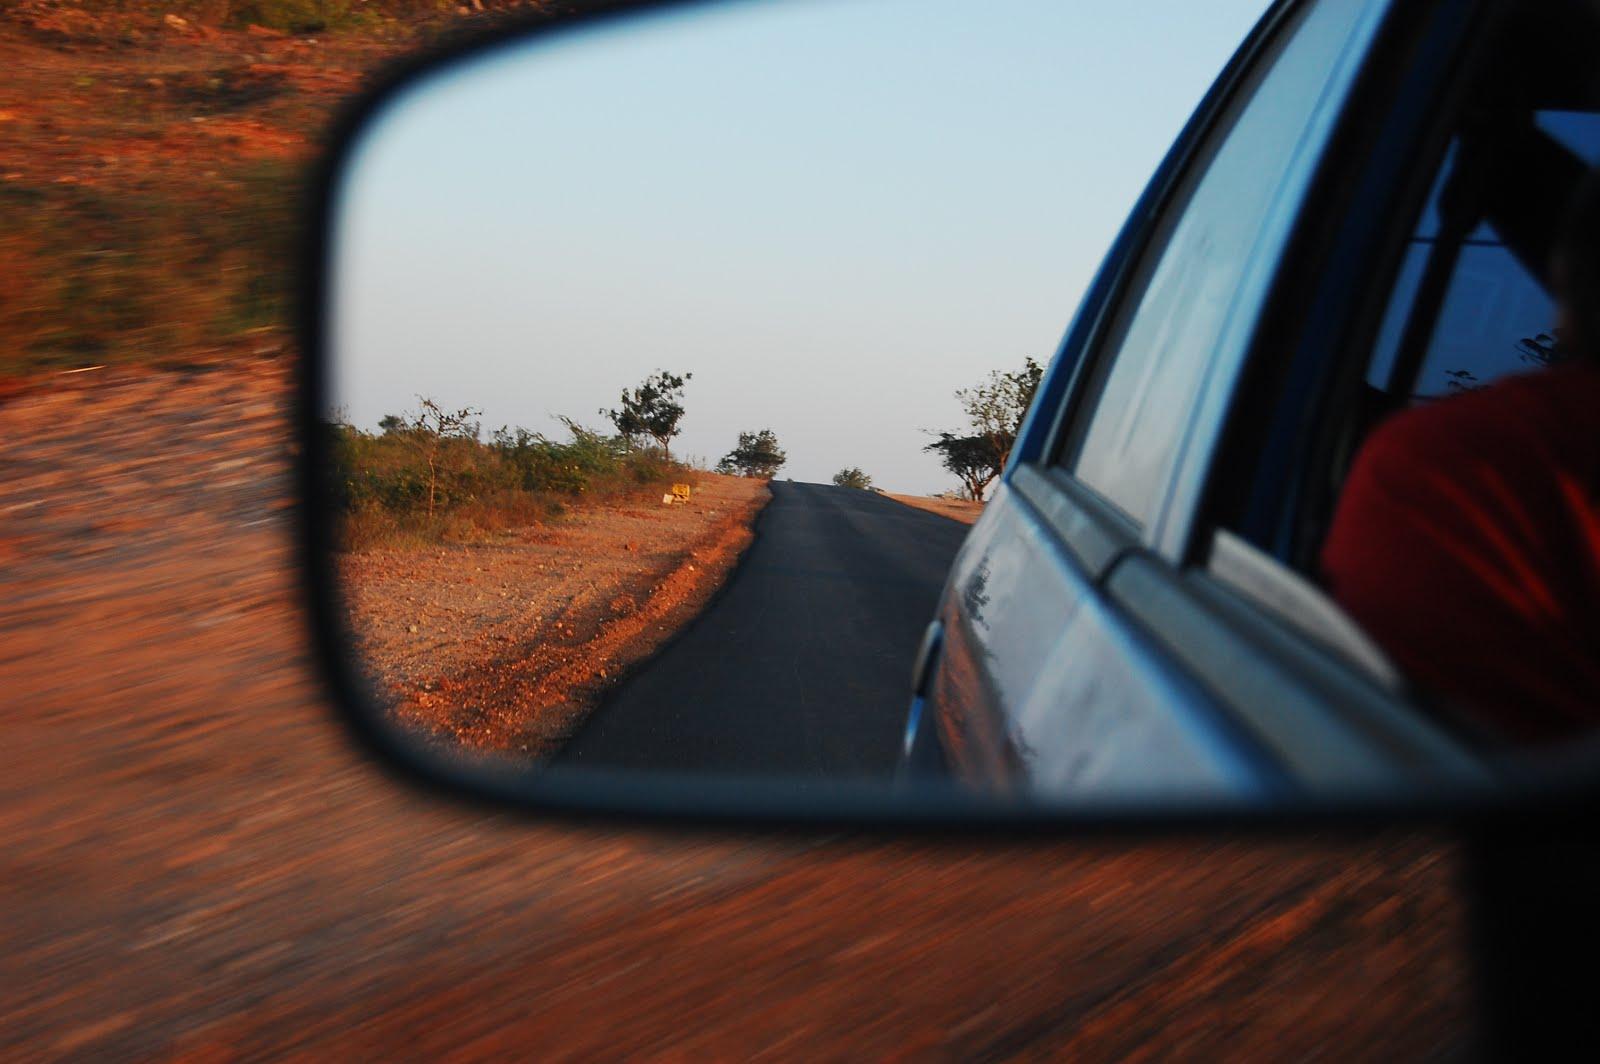 Vyskúšajte road trip, stojí to zato